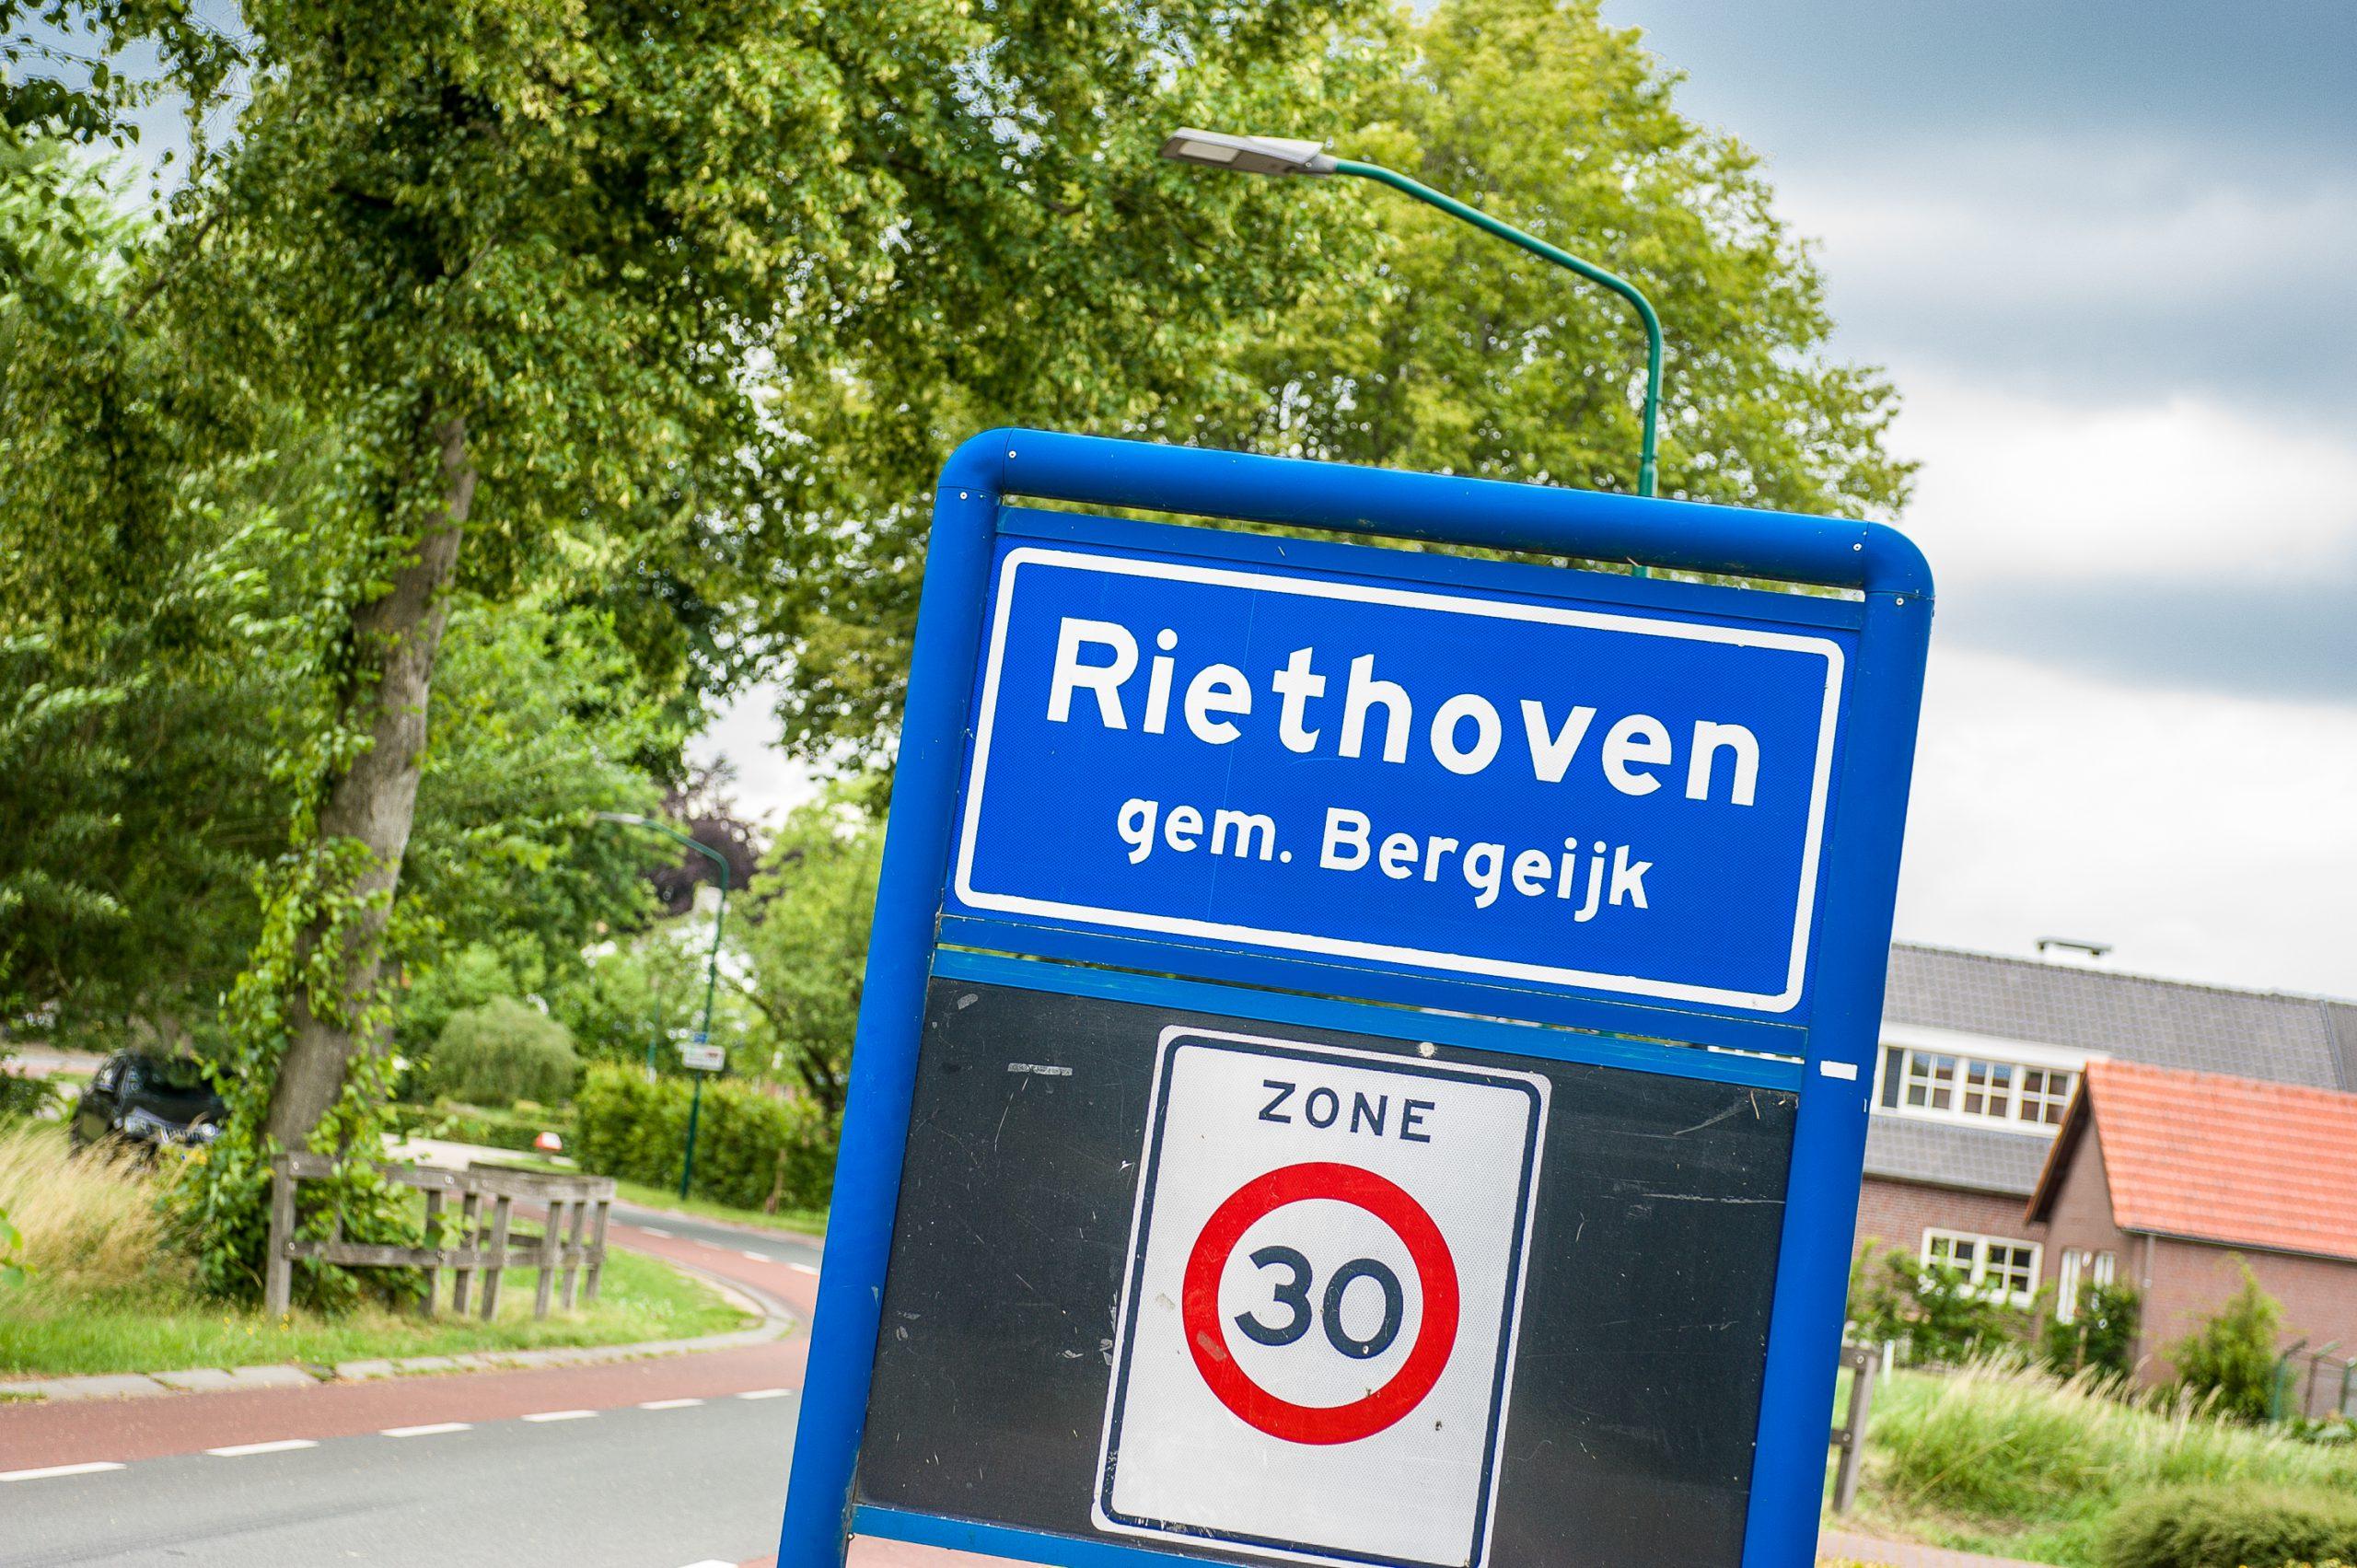 Achter De Sleutel - Riethoven